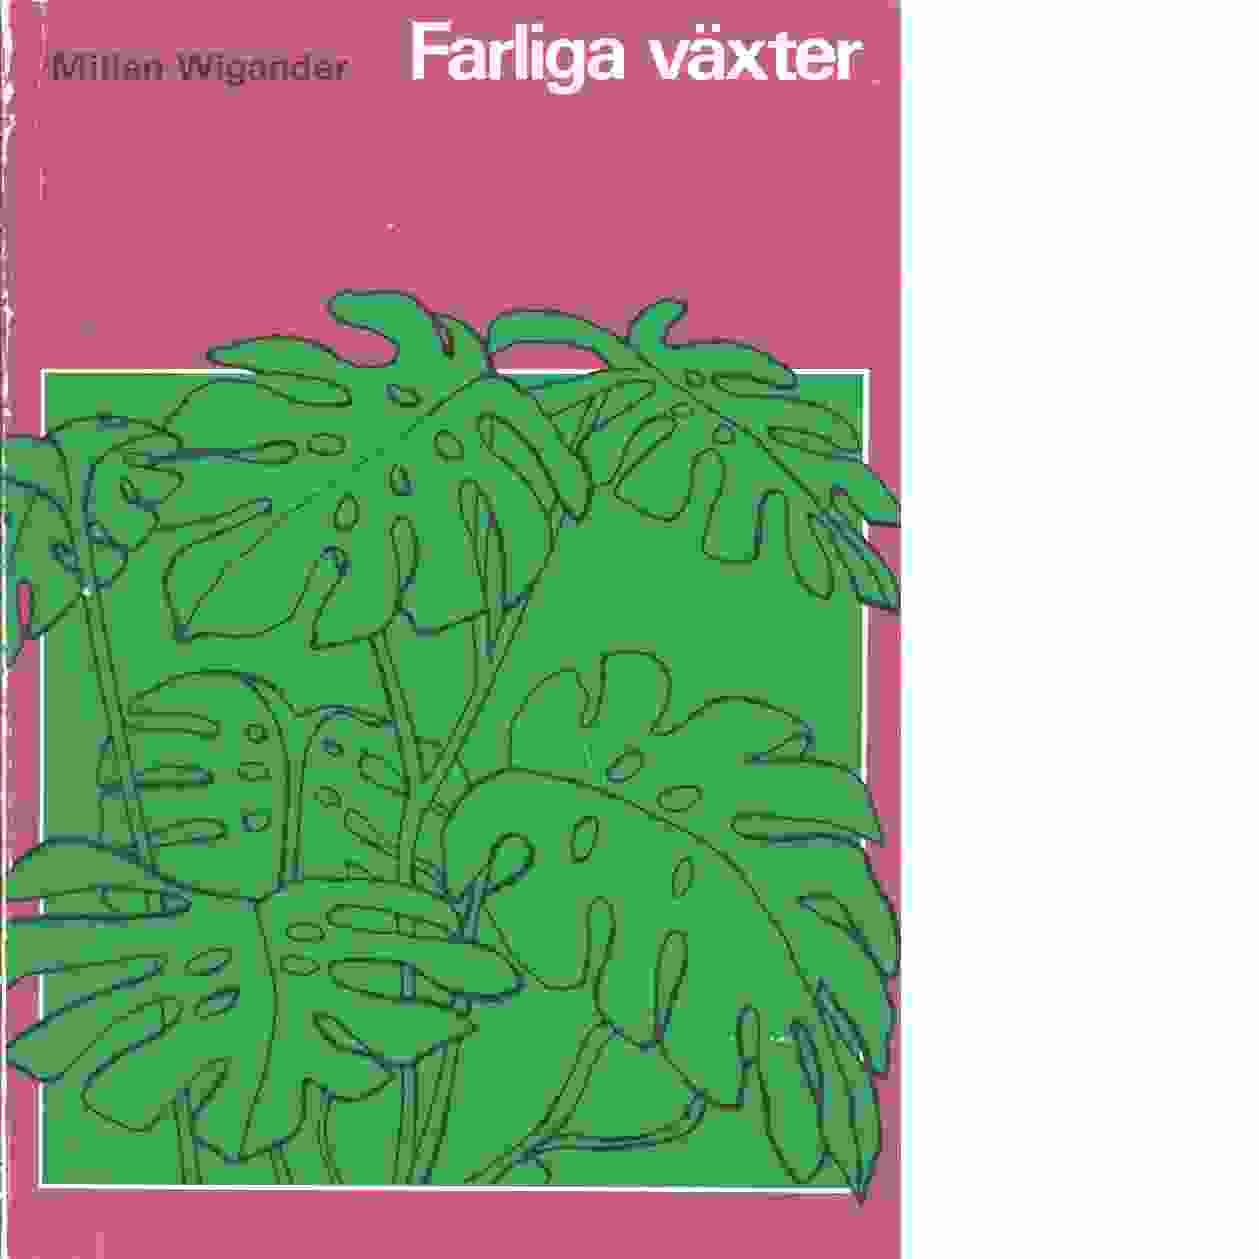 Farliga växter  - Wigander, Millan